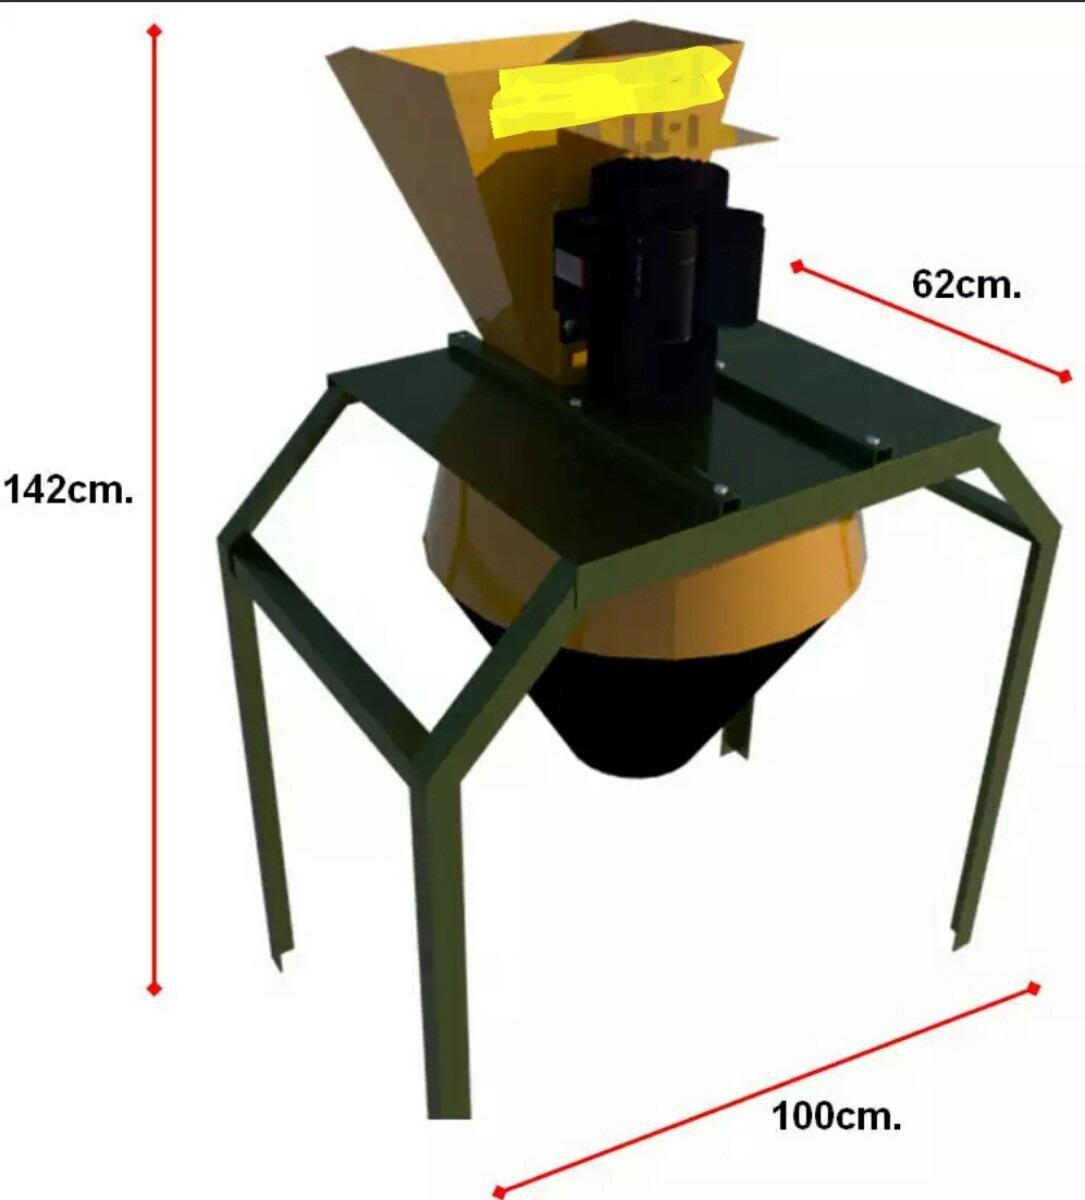 Planos maquina para fabricar ladrillos ecologicos u s 15 - Precios de ladrillos para construccion ...